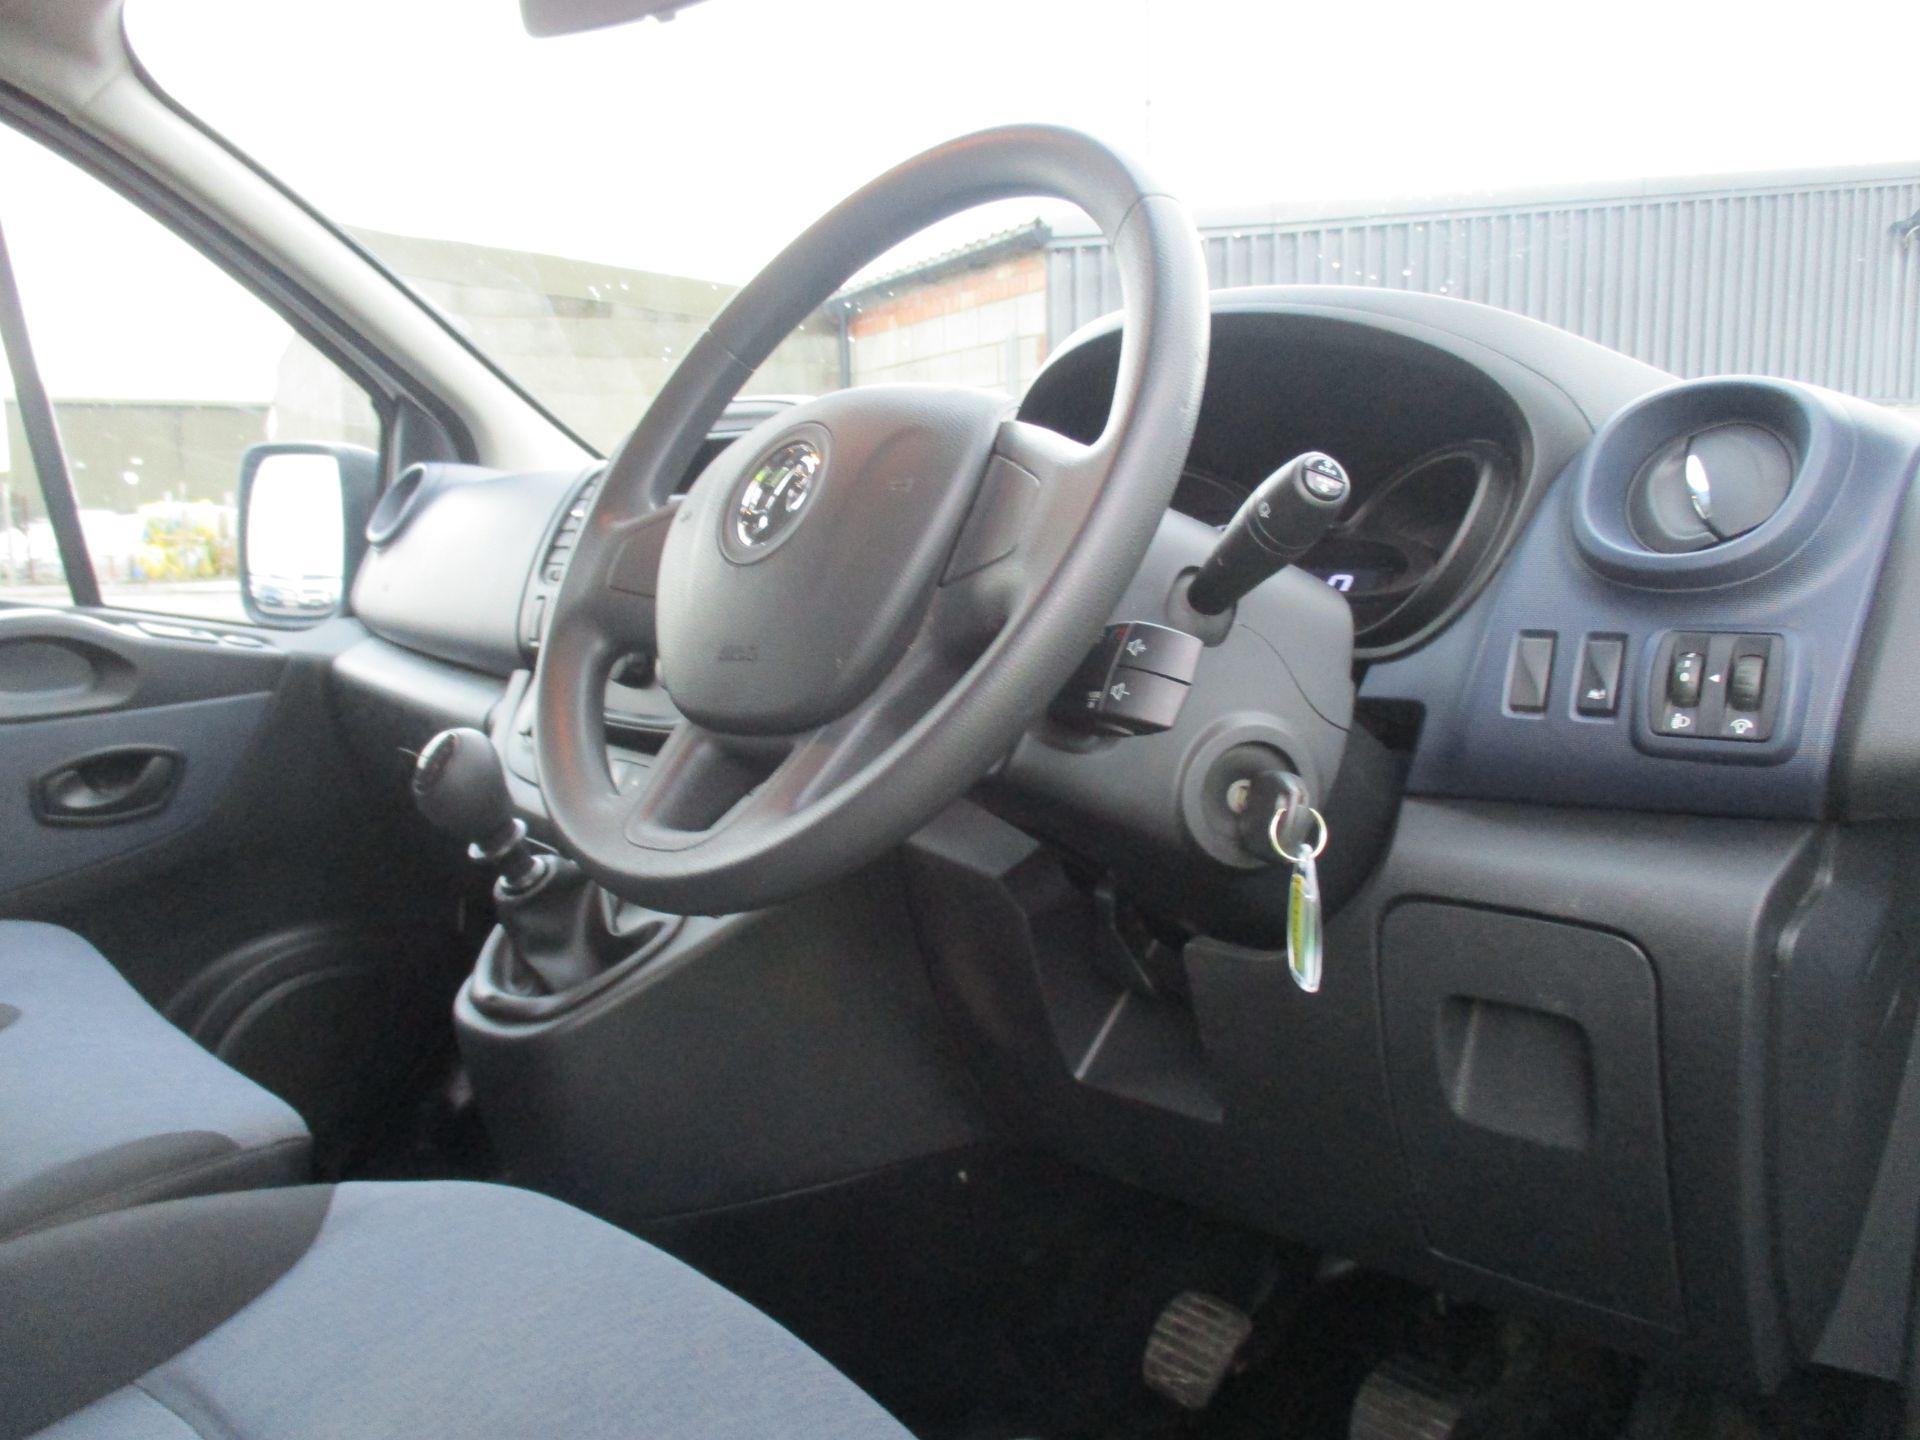 2017 Vauxhall Vivaro L2 H1 2900 1.6 CDTI 125PS BI TURBO 9 SEATER COMBI EURO 6. VAT INC (DY17UJE) Image 14